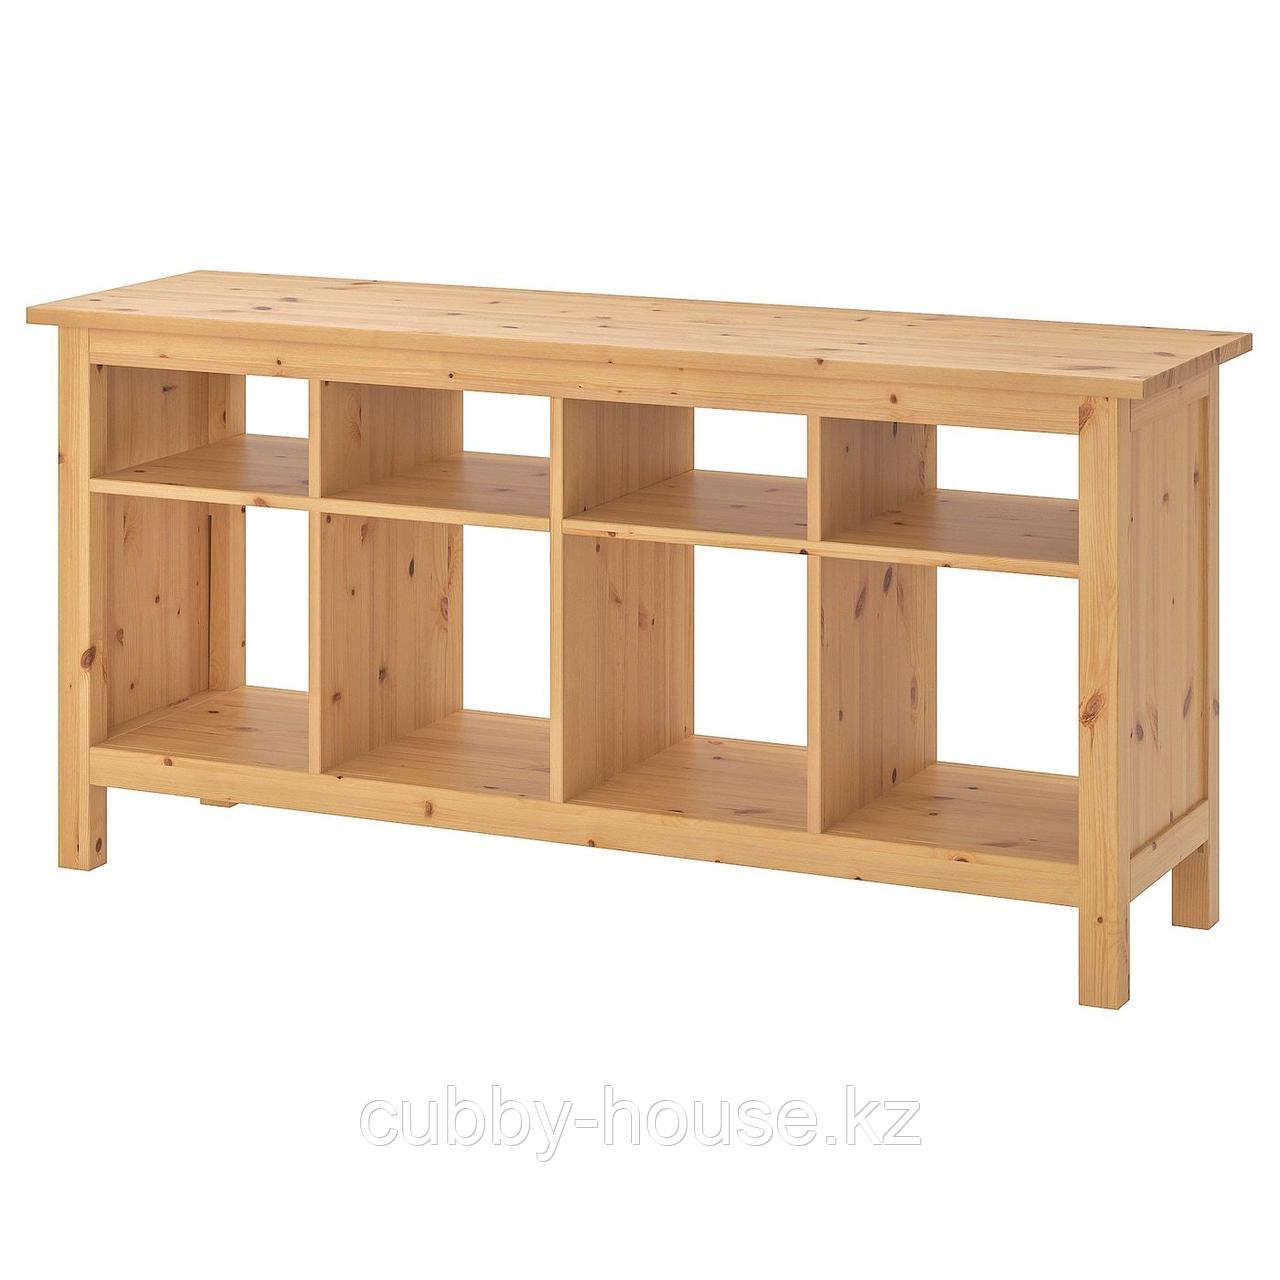 ХЕМНЭС Консольный стол, белая морилка, 157x40 см